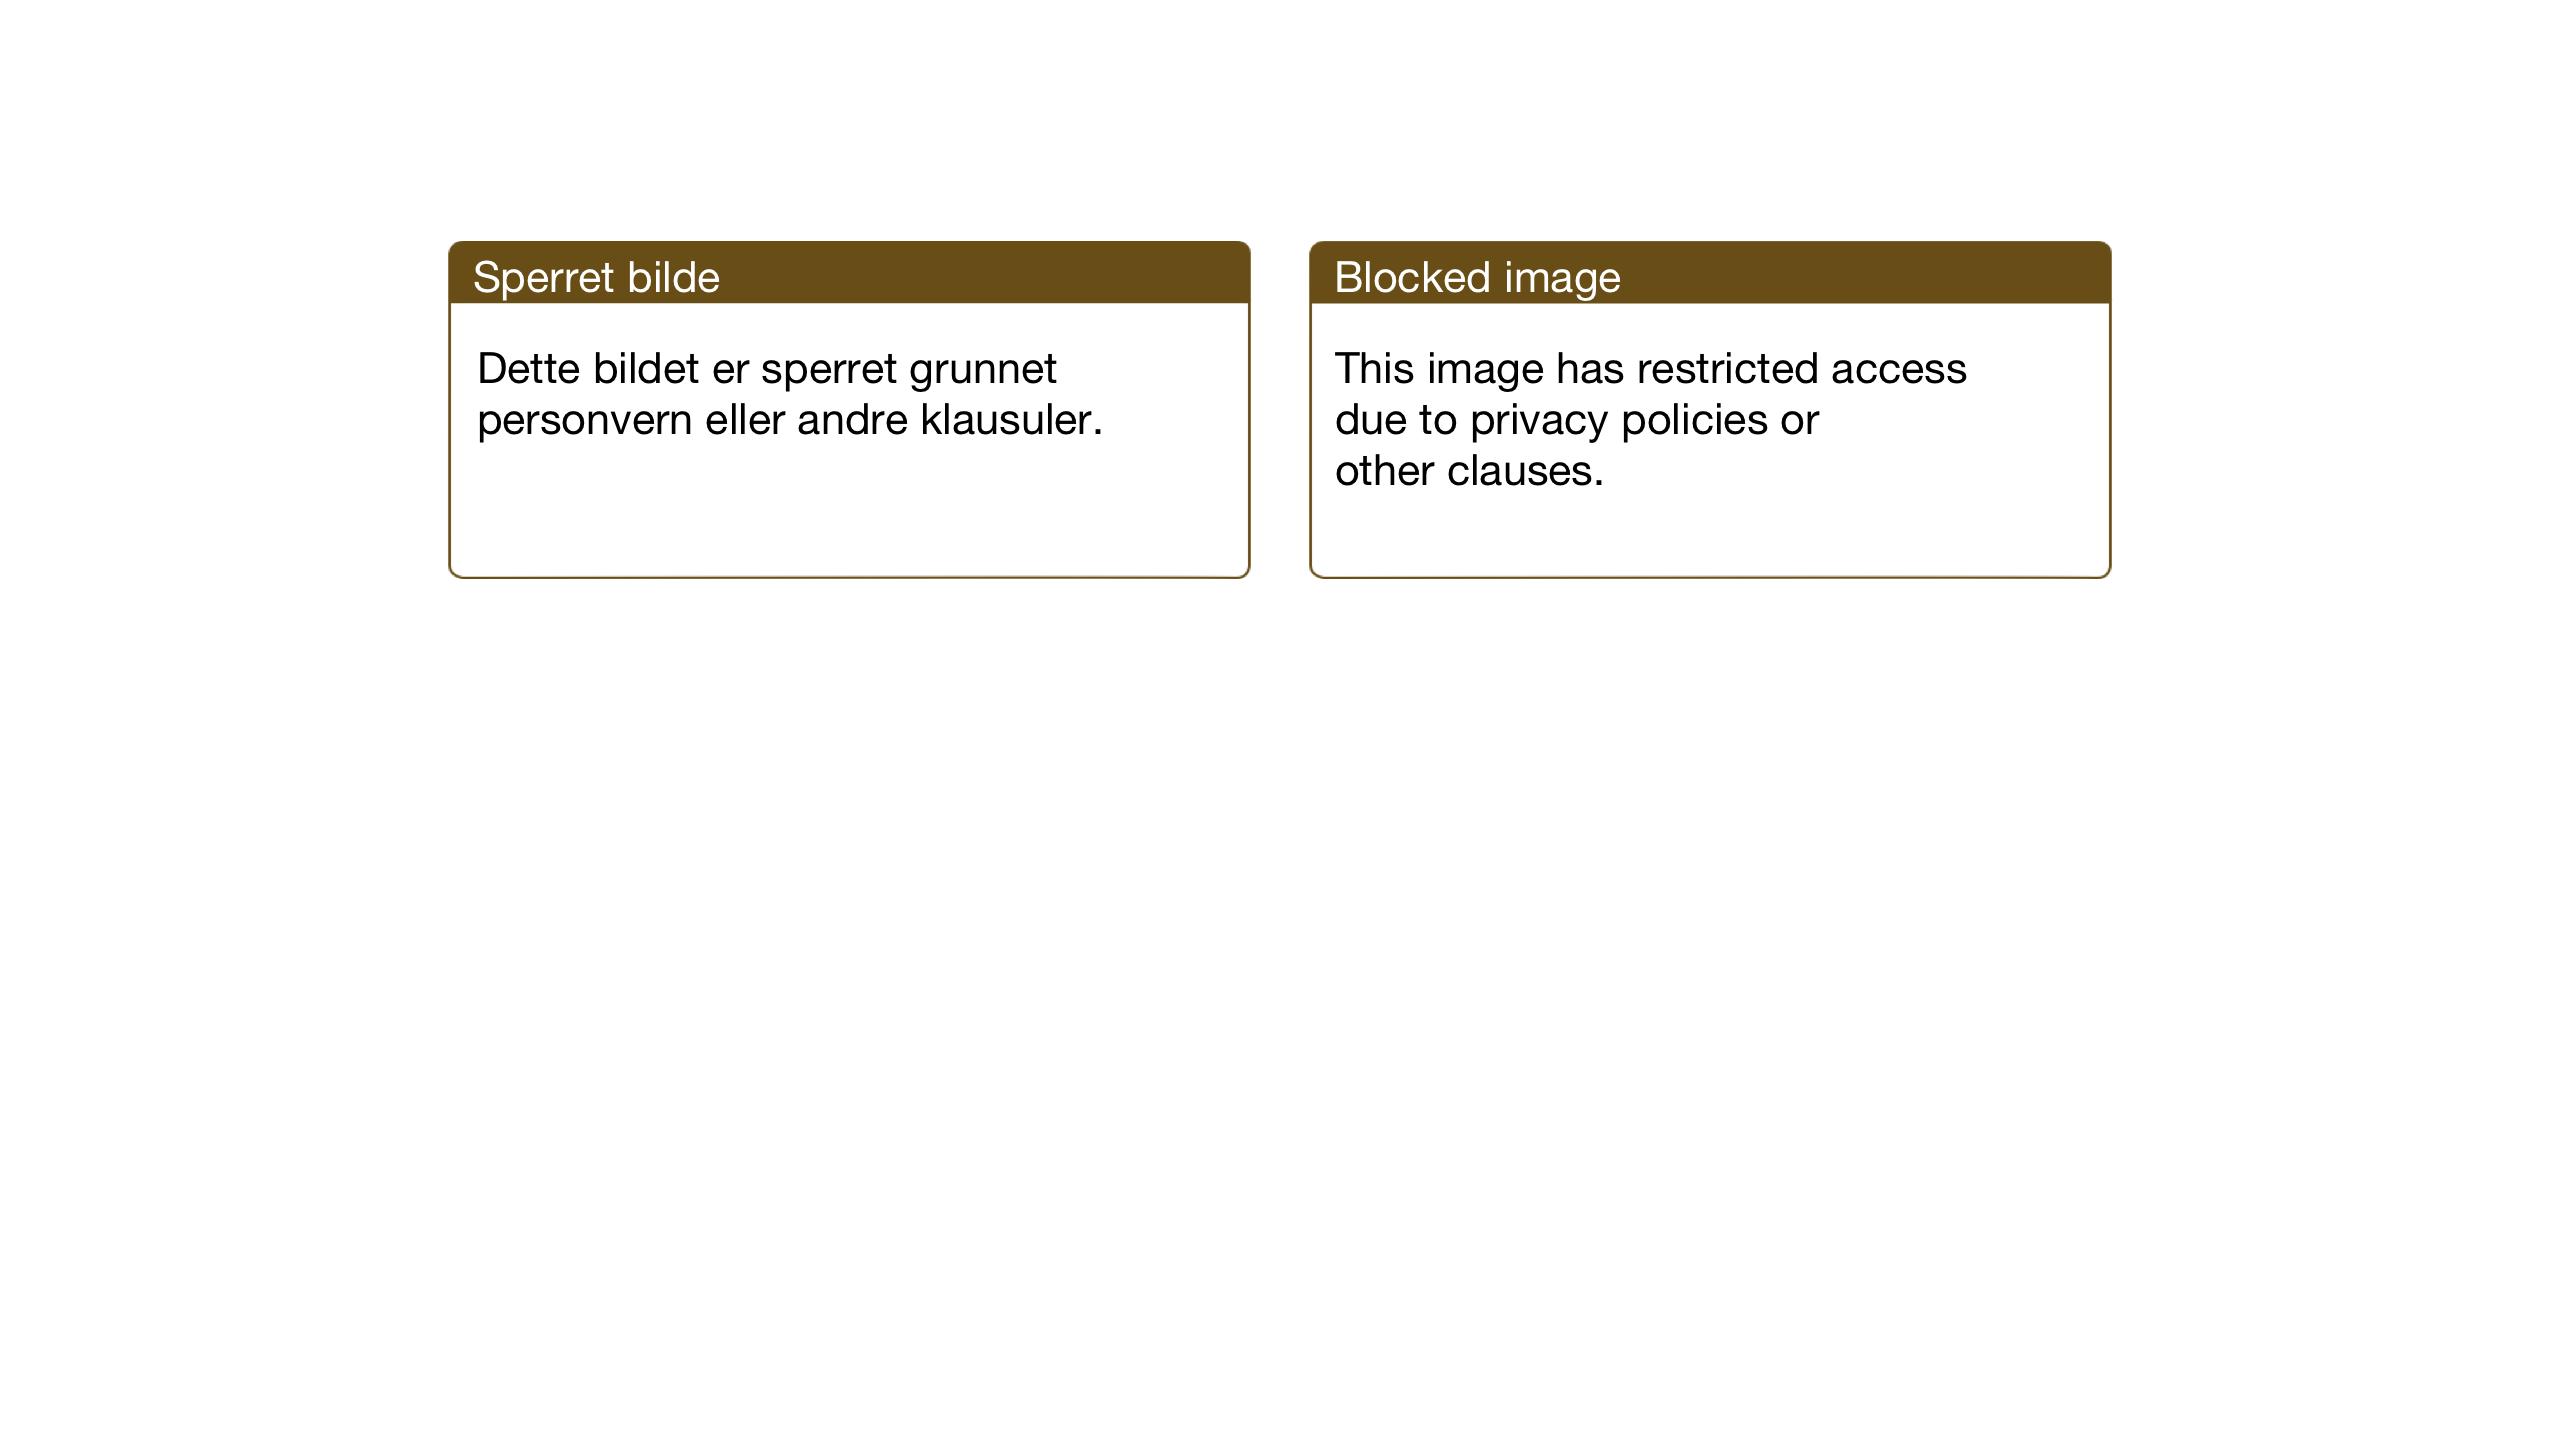 SAT, Ministerialprotokoller, klokkerbøker og fødselsregistre - Sør-Trøndelag, 690/L1053: Klokkerbok nr. 690C03, 1930-1947, s. 12